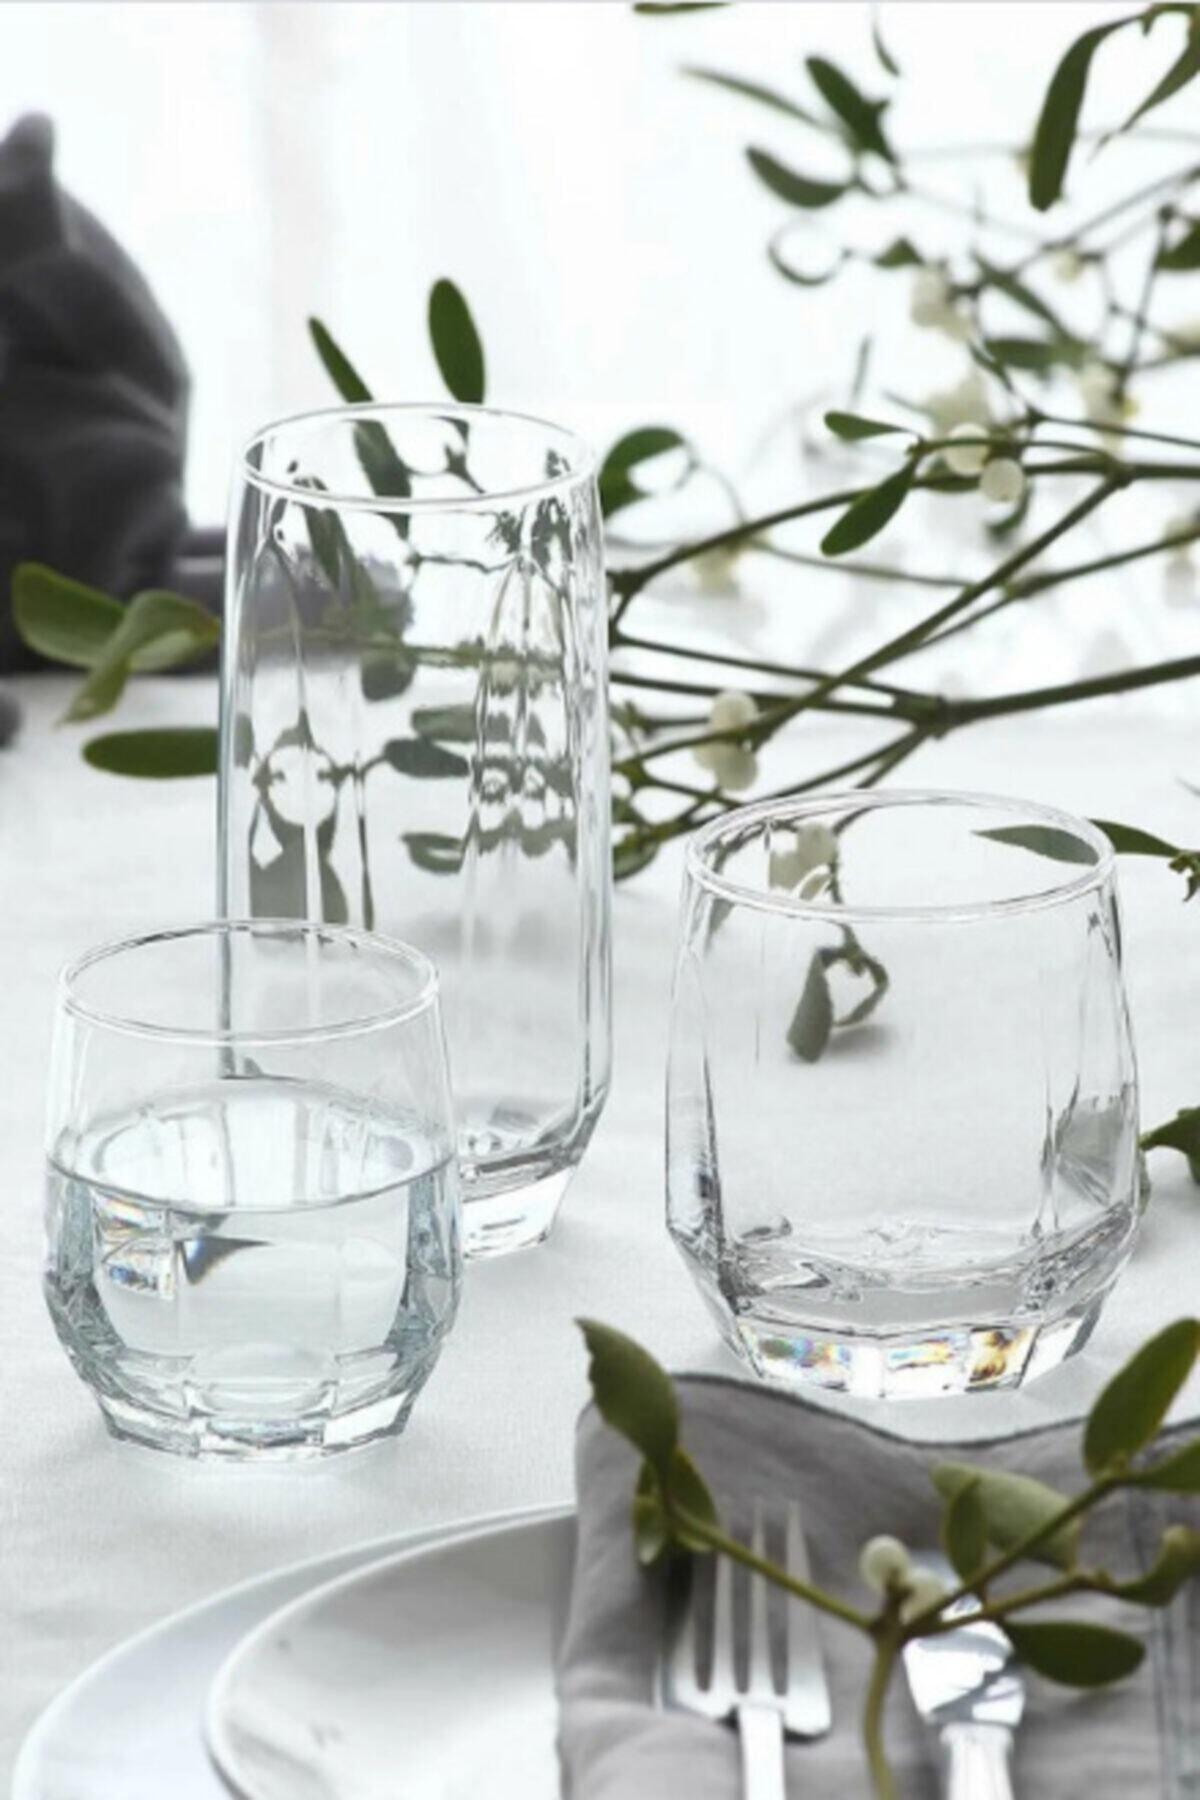 LAV Diamond Meşrubat Bardağı Seti 18'li 1